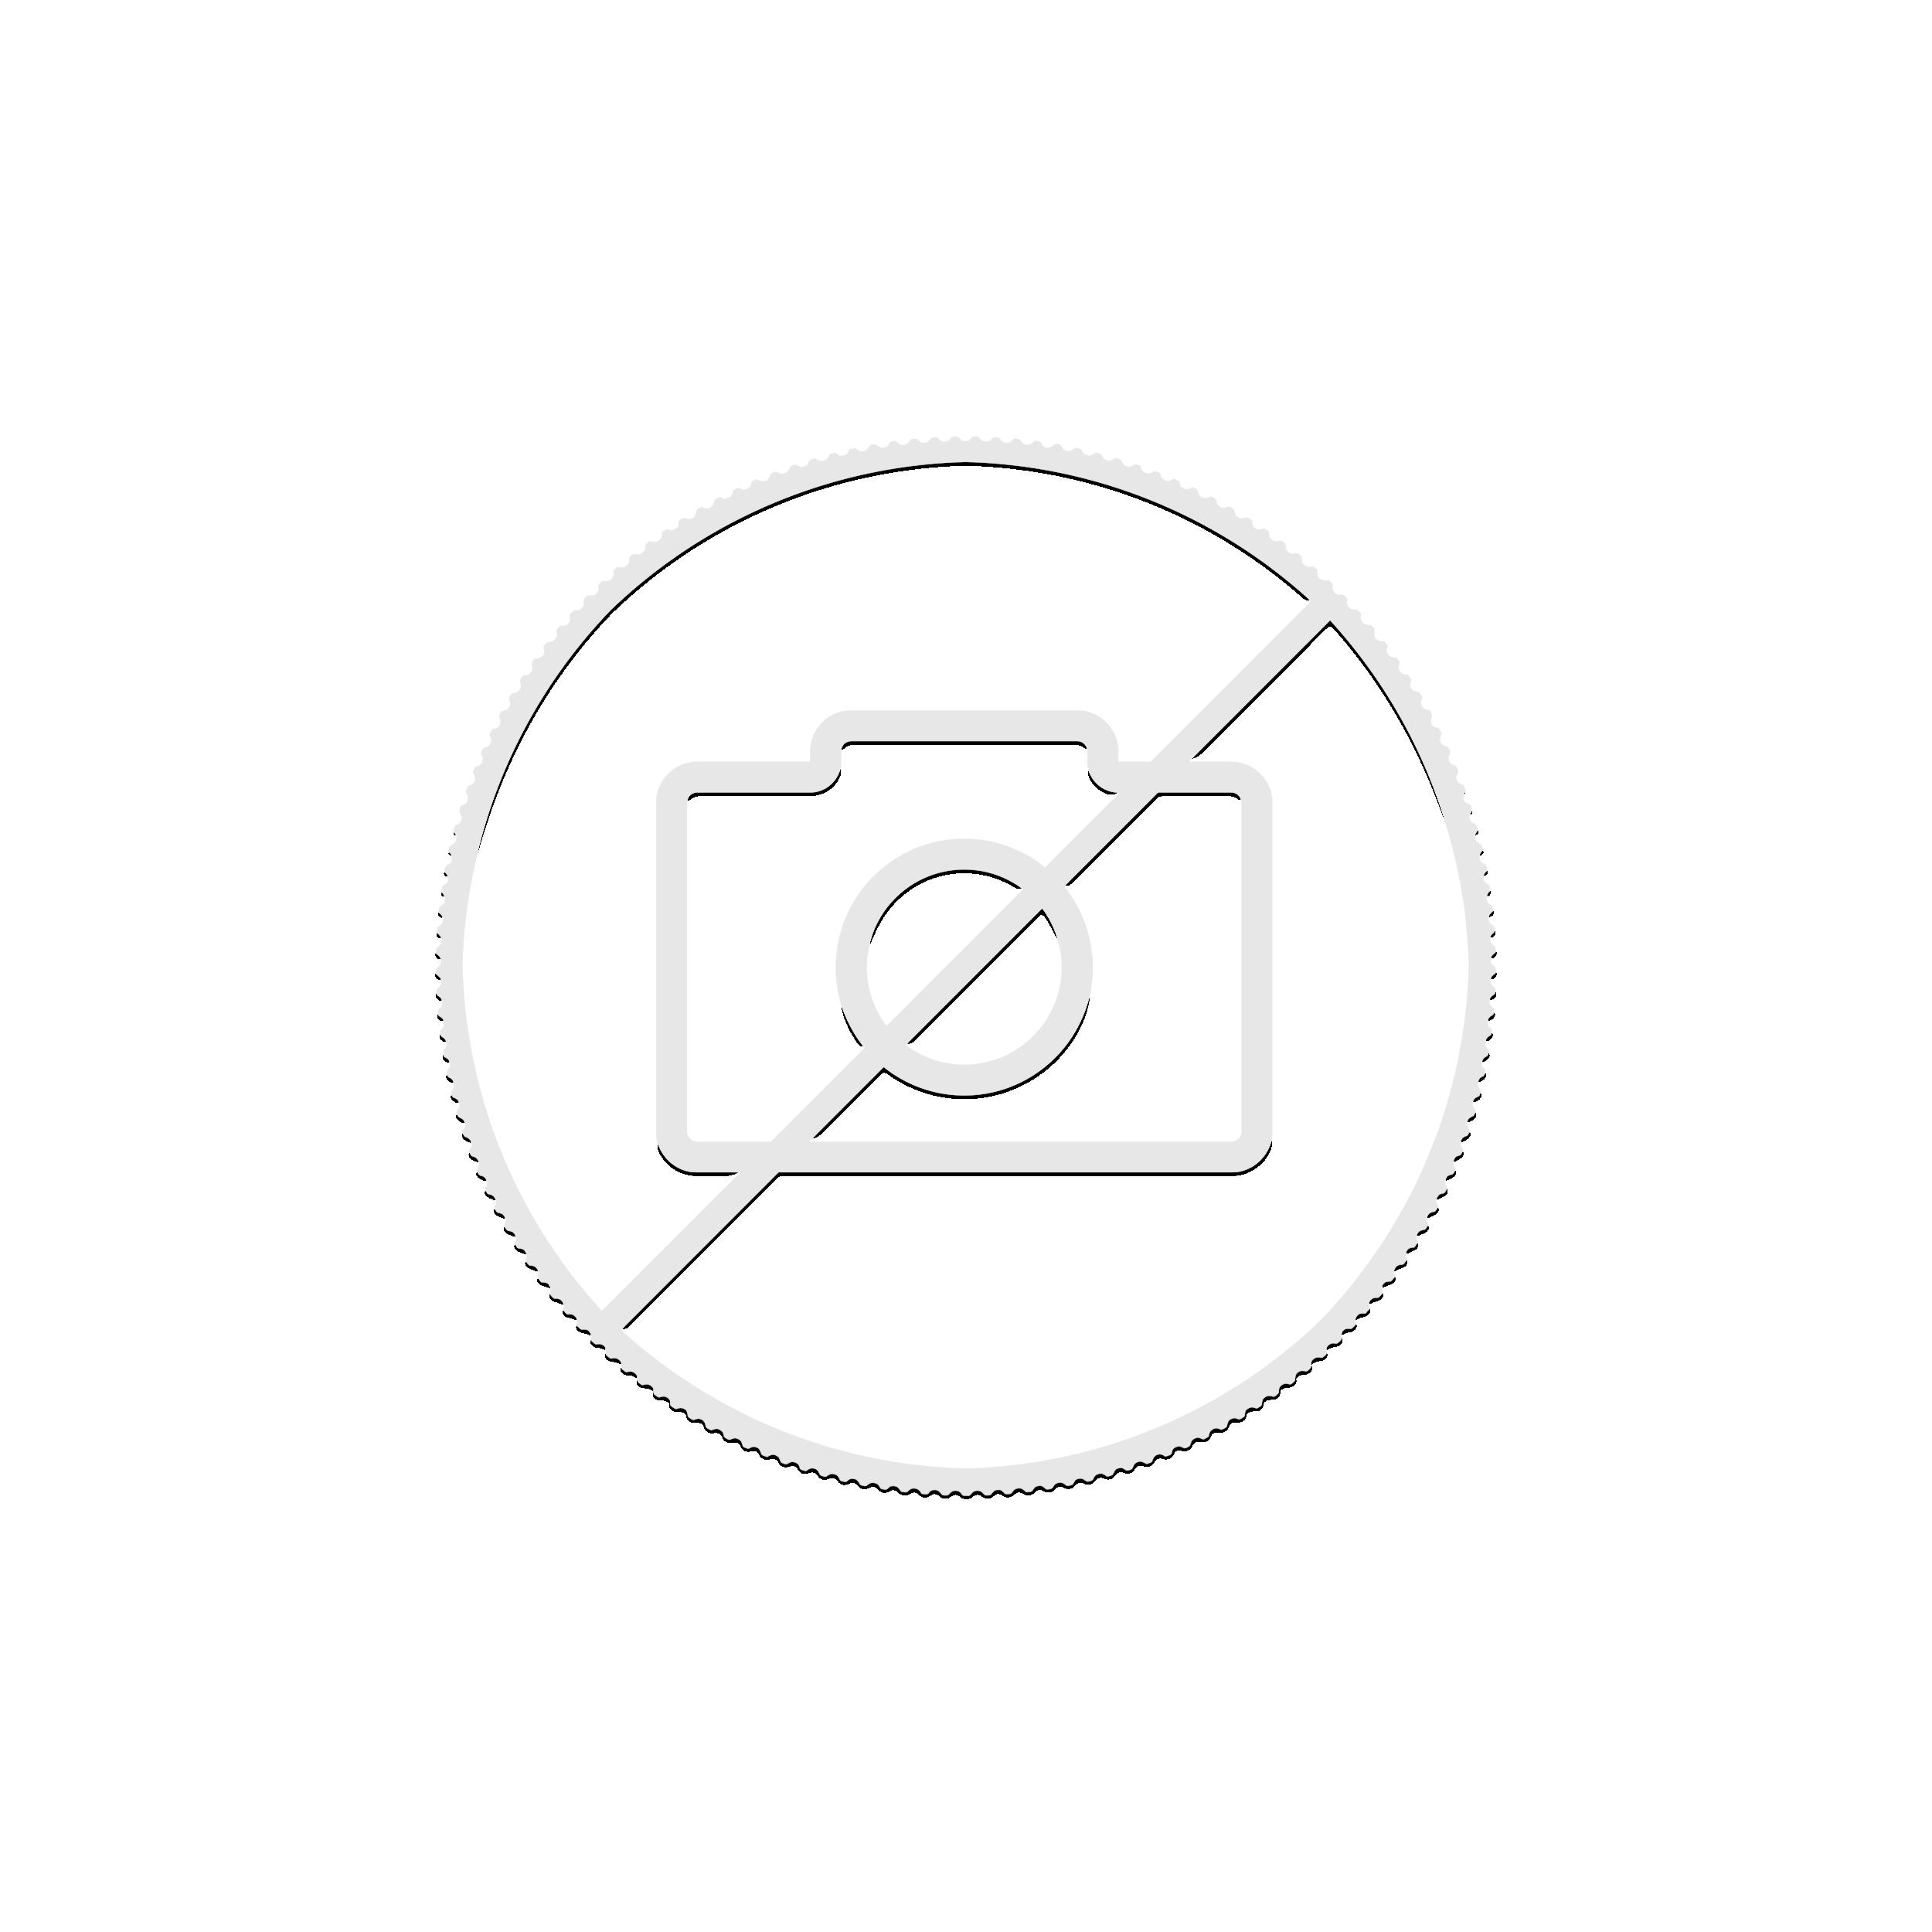 1 Troy ounce zilveren munt Kookaburra 2020 - Achterkant